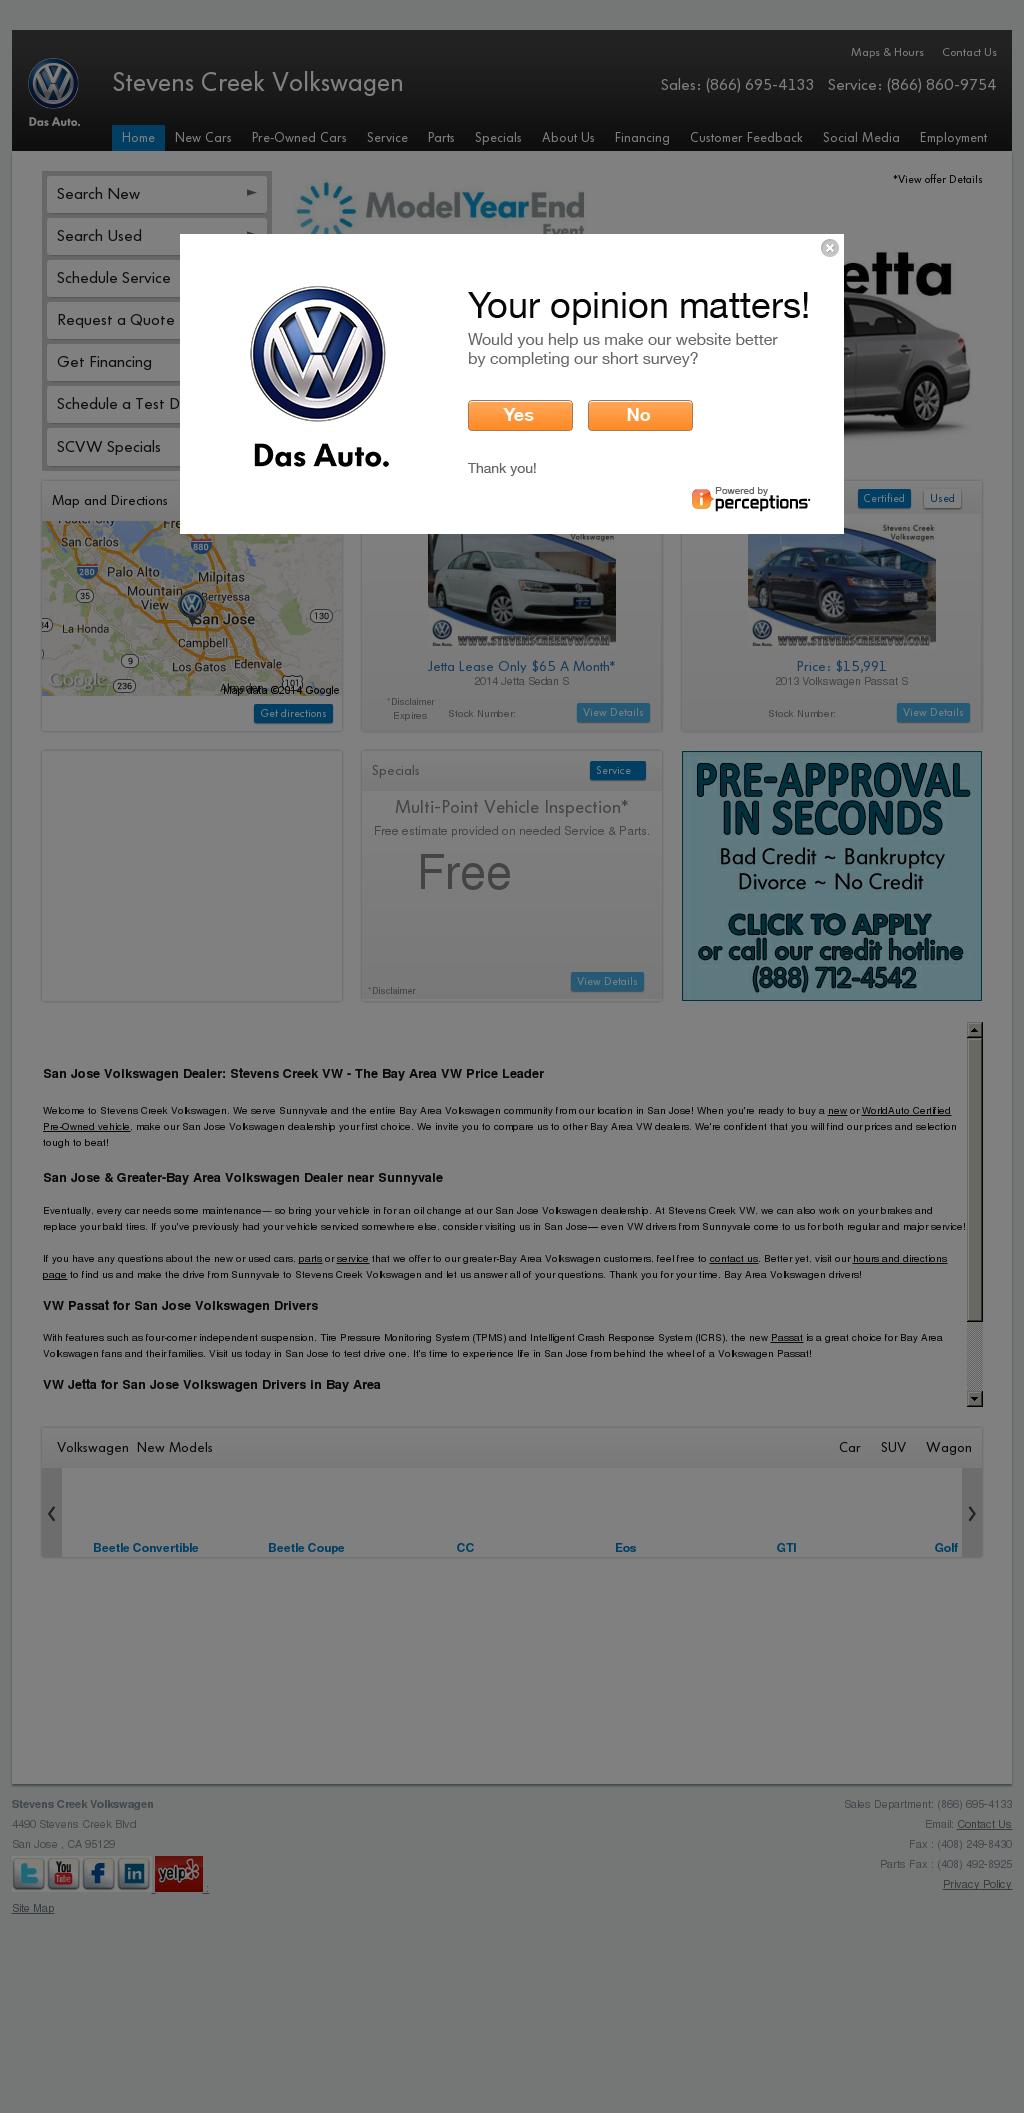 Volkswagen Stevens Creek 2017 2018 2019 Volkswagen Reviews